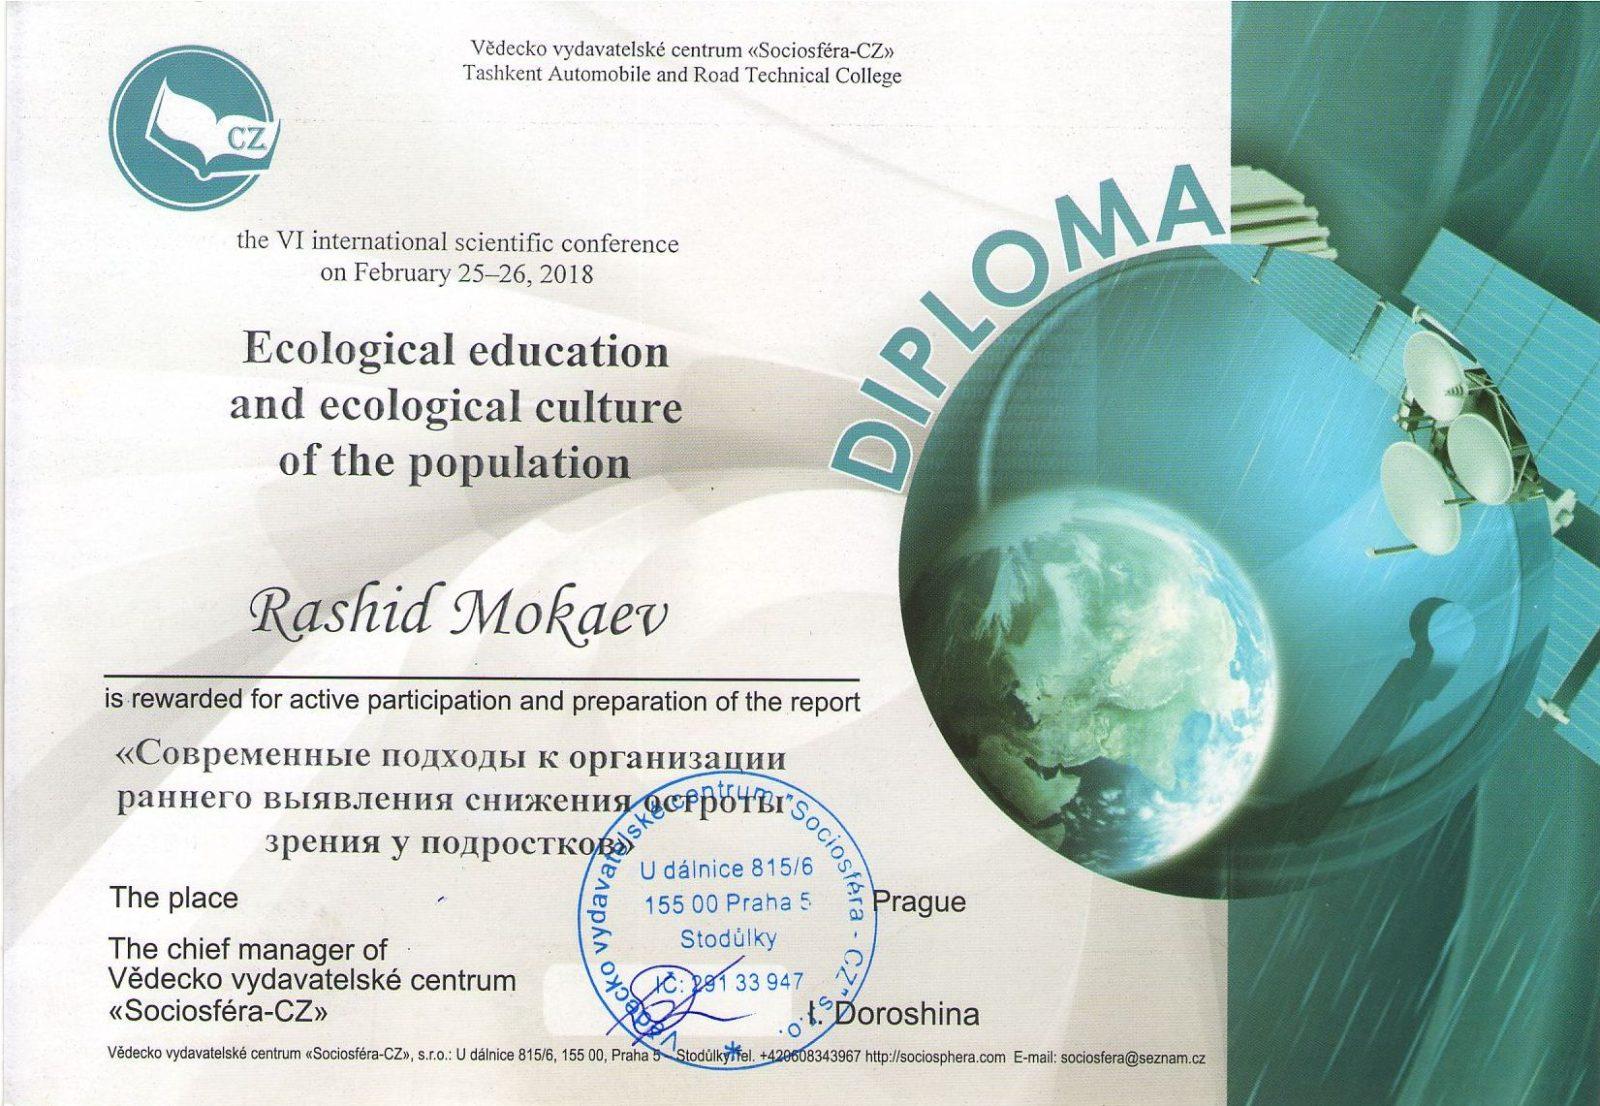 Mokaev